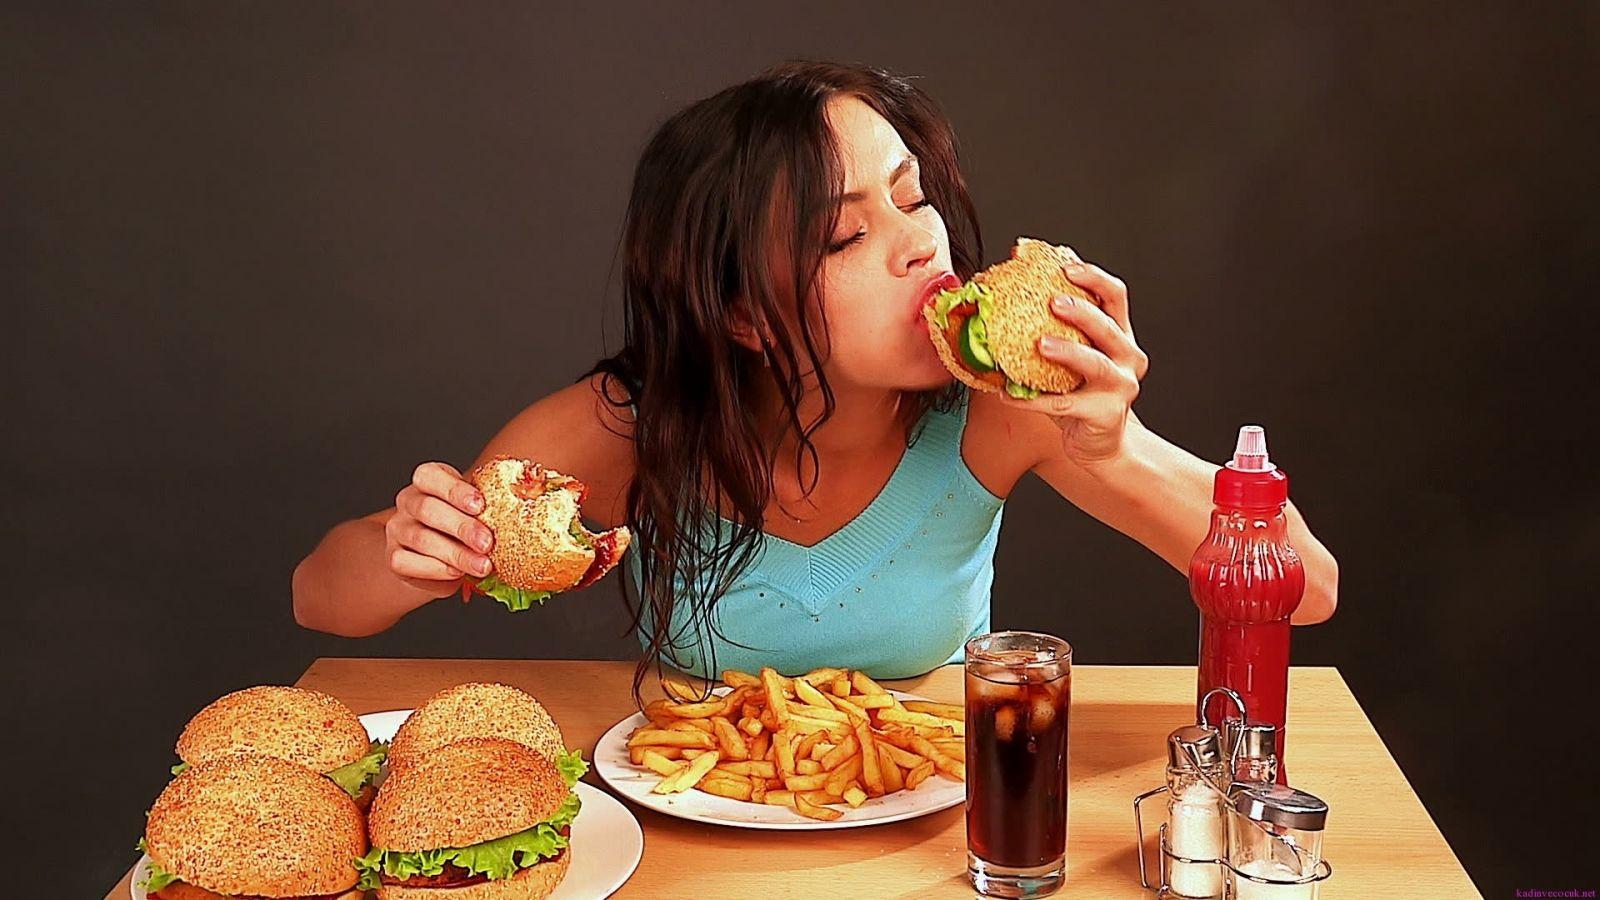 Uống không đủ nước dễ gây thèm ăn, giảm cân kém hiệu quả.